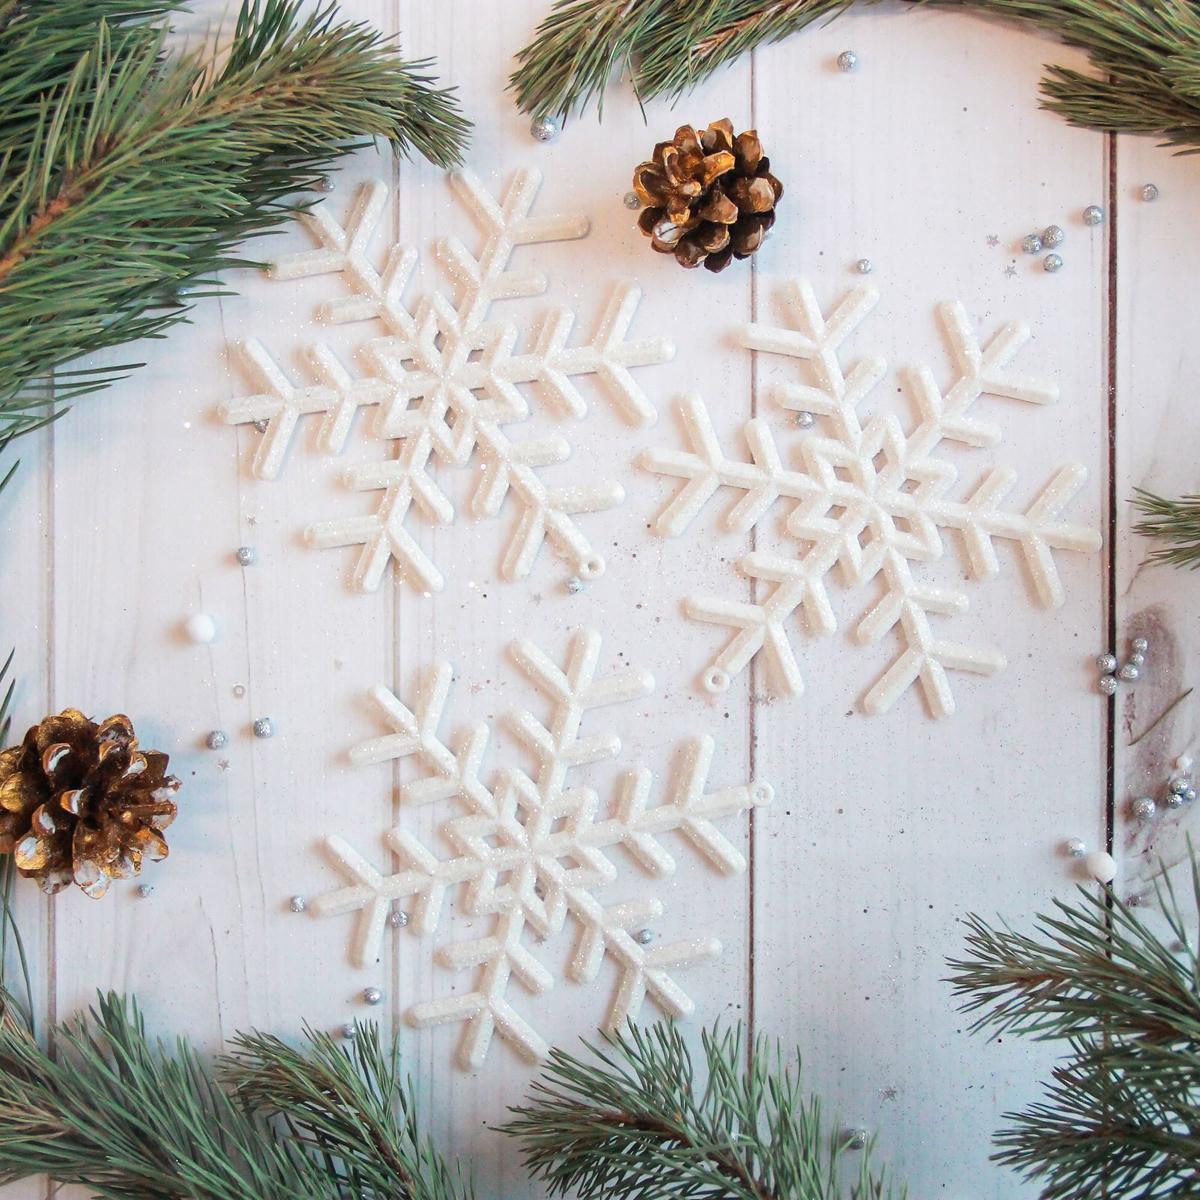 Украшение новогоднее елочное Sima-land Белая снежинка, 12 см, 3 шт2371298Невозможно представить нашу жизнь без праздников! Мы всегда ждём их и предвкушаем, обдумываем, как проведём памятный день, тщательно выбираем подарки и аксессуары, ведь именно они создают и поддерживают торжественный настрой.